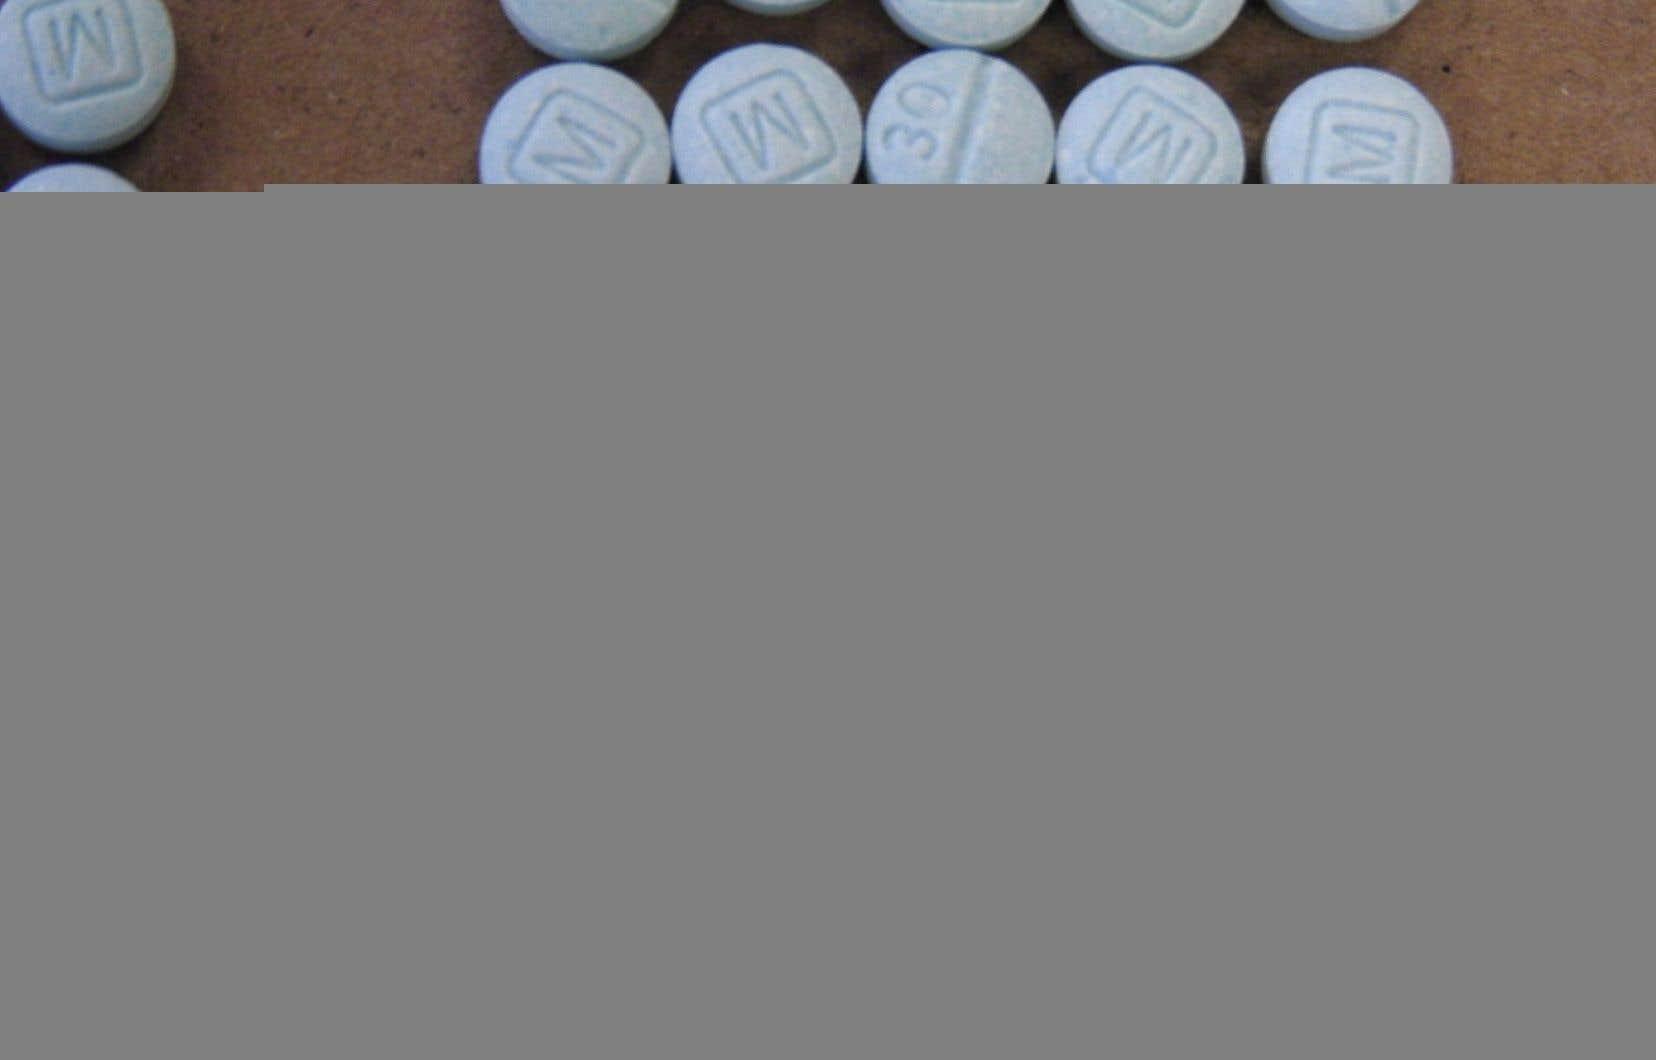 Des comprimés de fentanyl, une des susbtances à la source de la crise des opioïdes